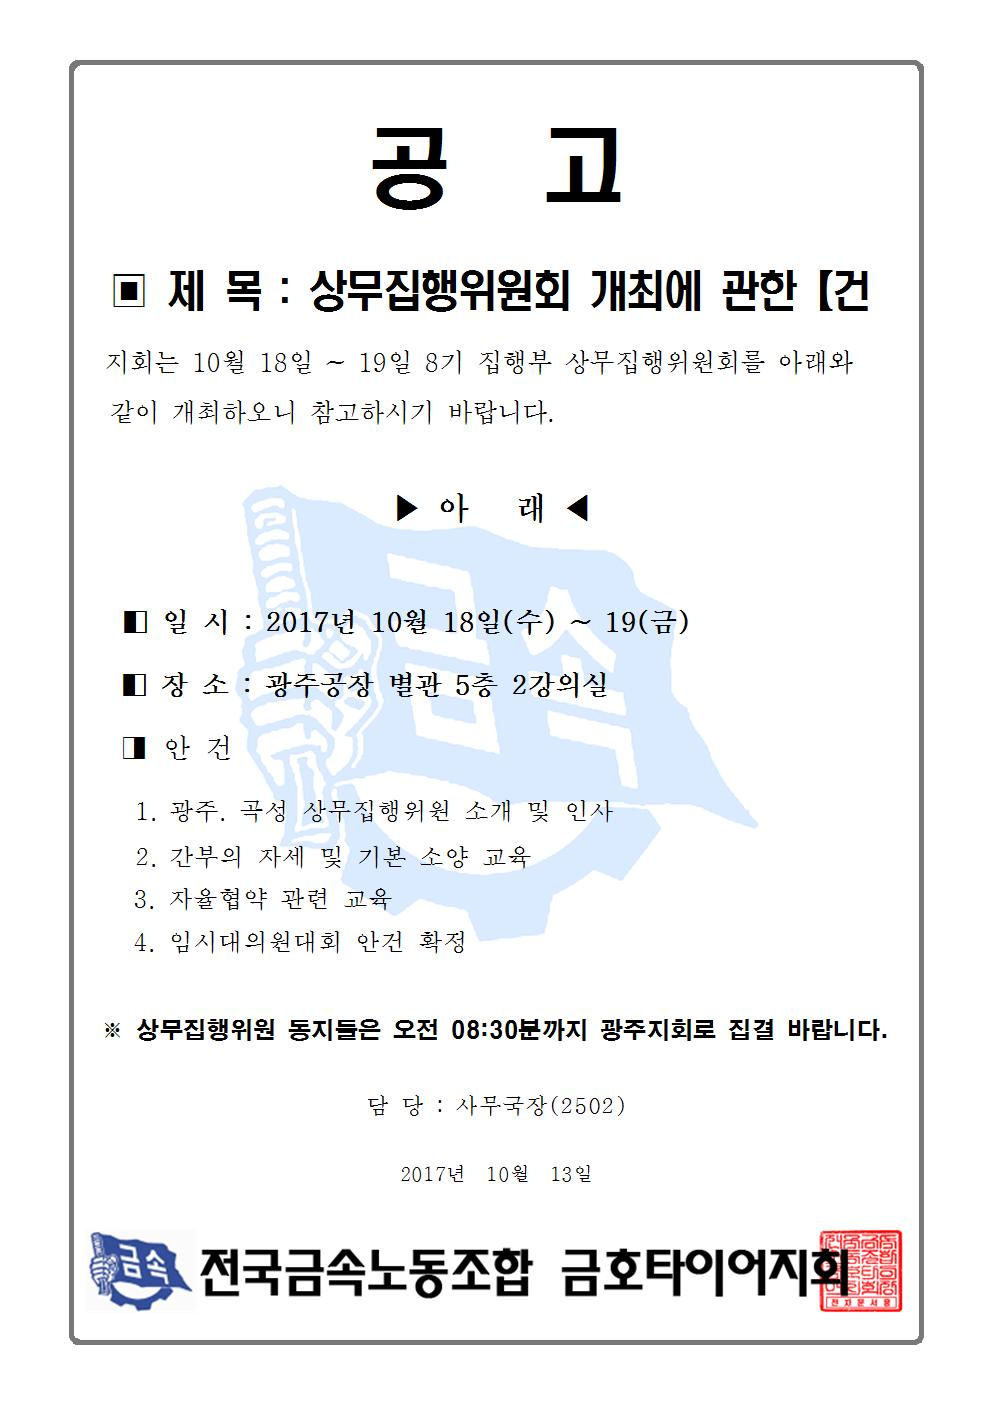 상무집행위원회 개최 공고001.jpg